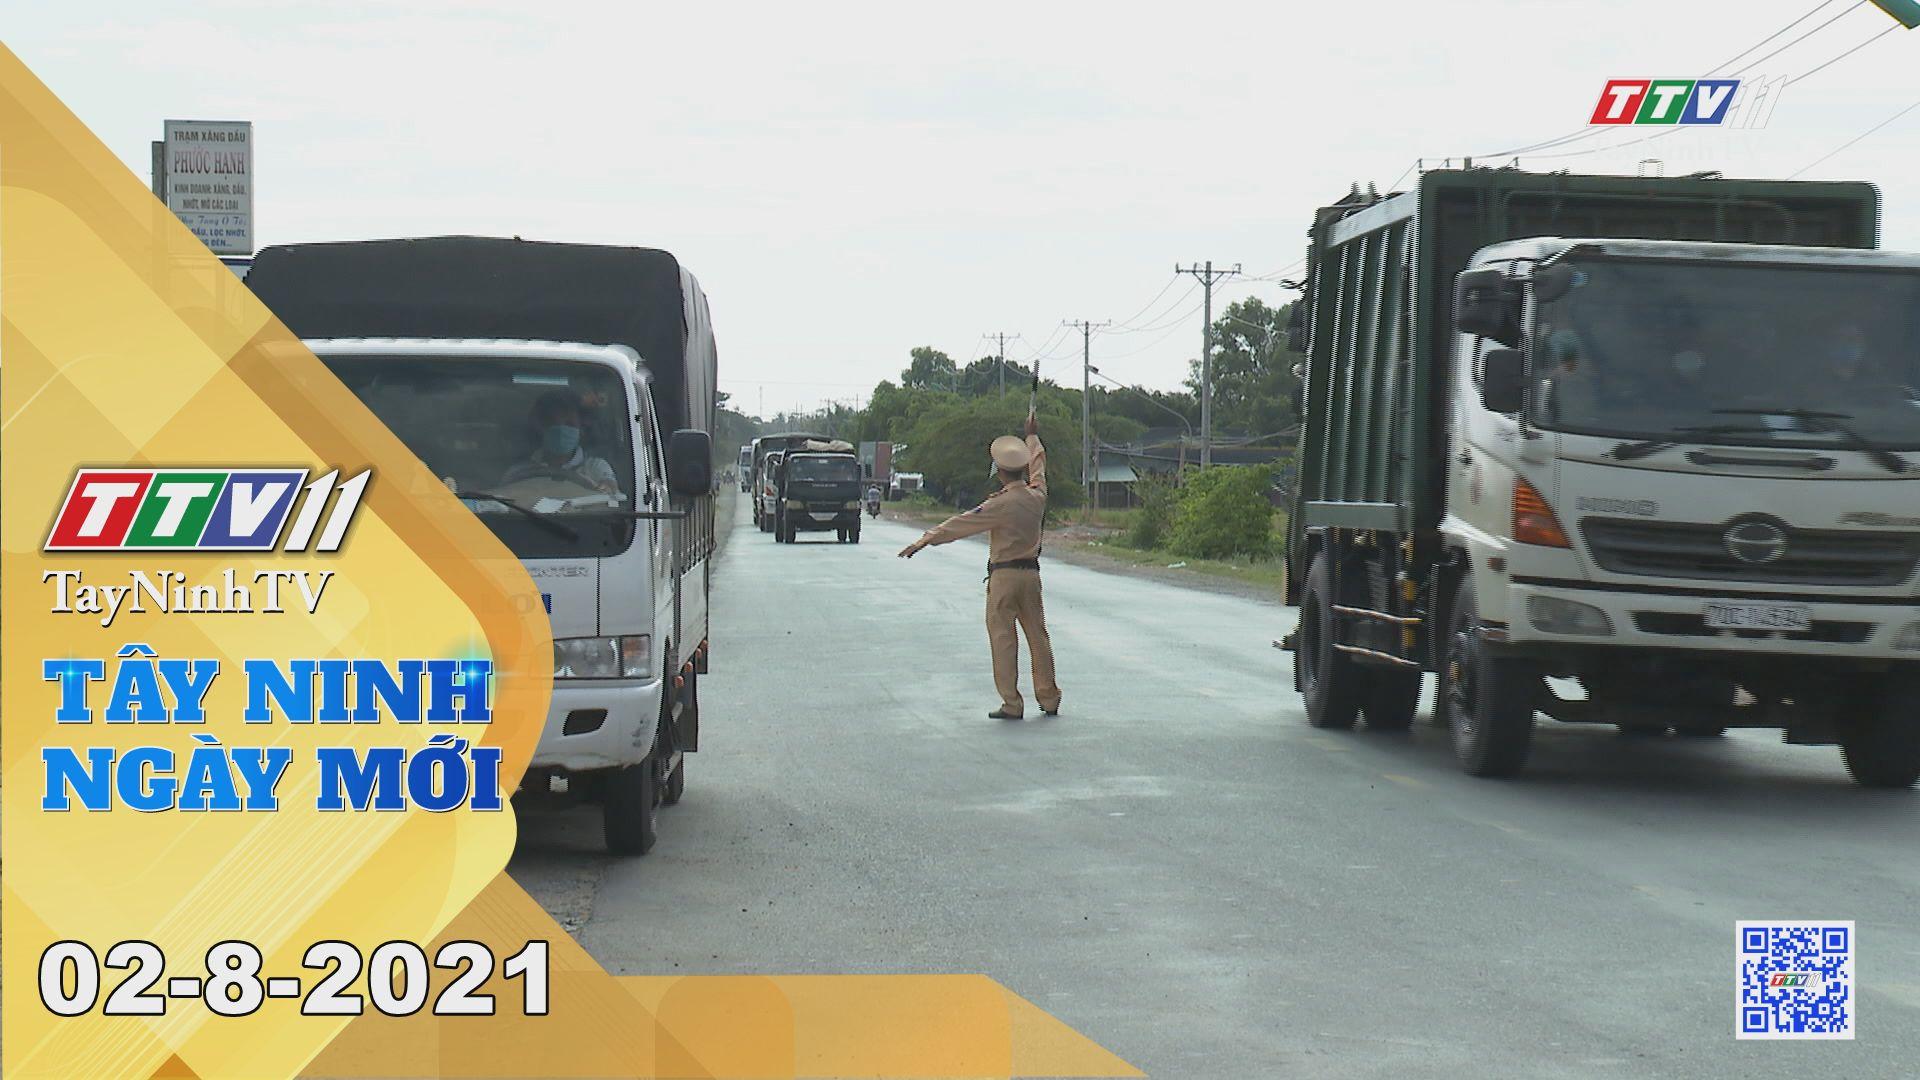 Tây Ninh Ngày Mới 02-8-2021   Tin tức hôm nay   TayNinhTV